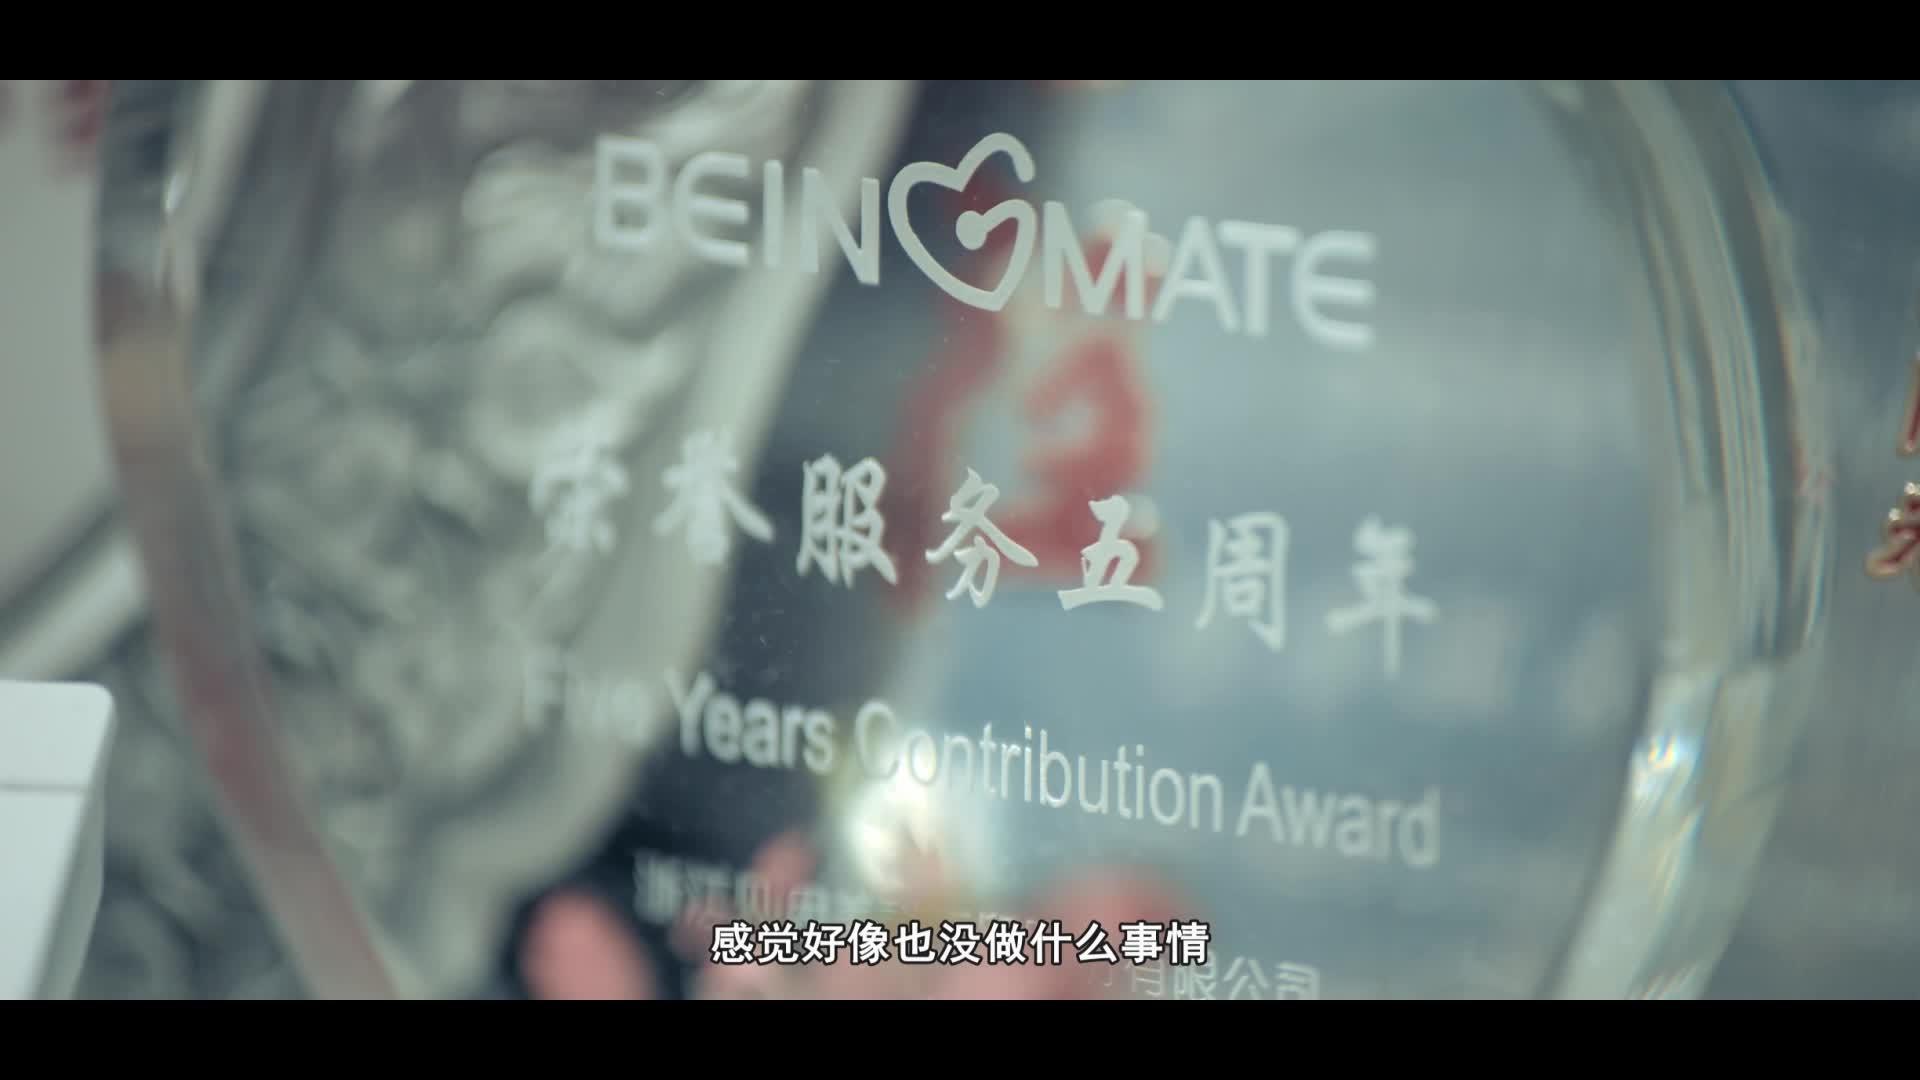 贝因美27年专注公益 因爱而美